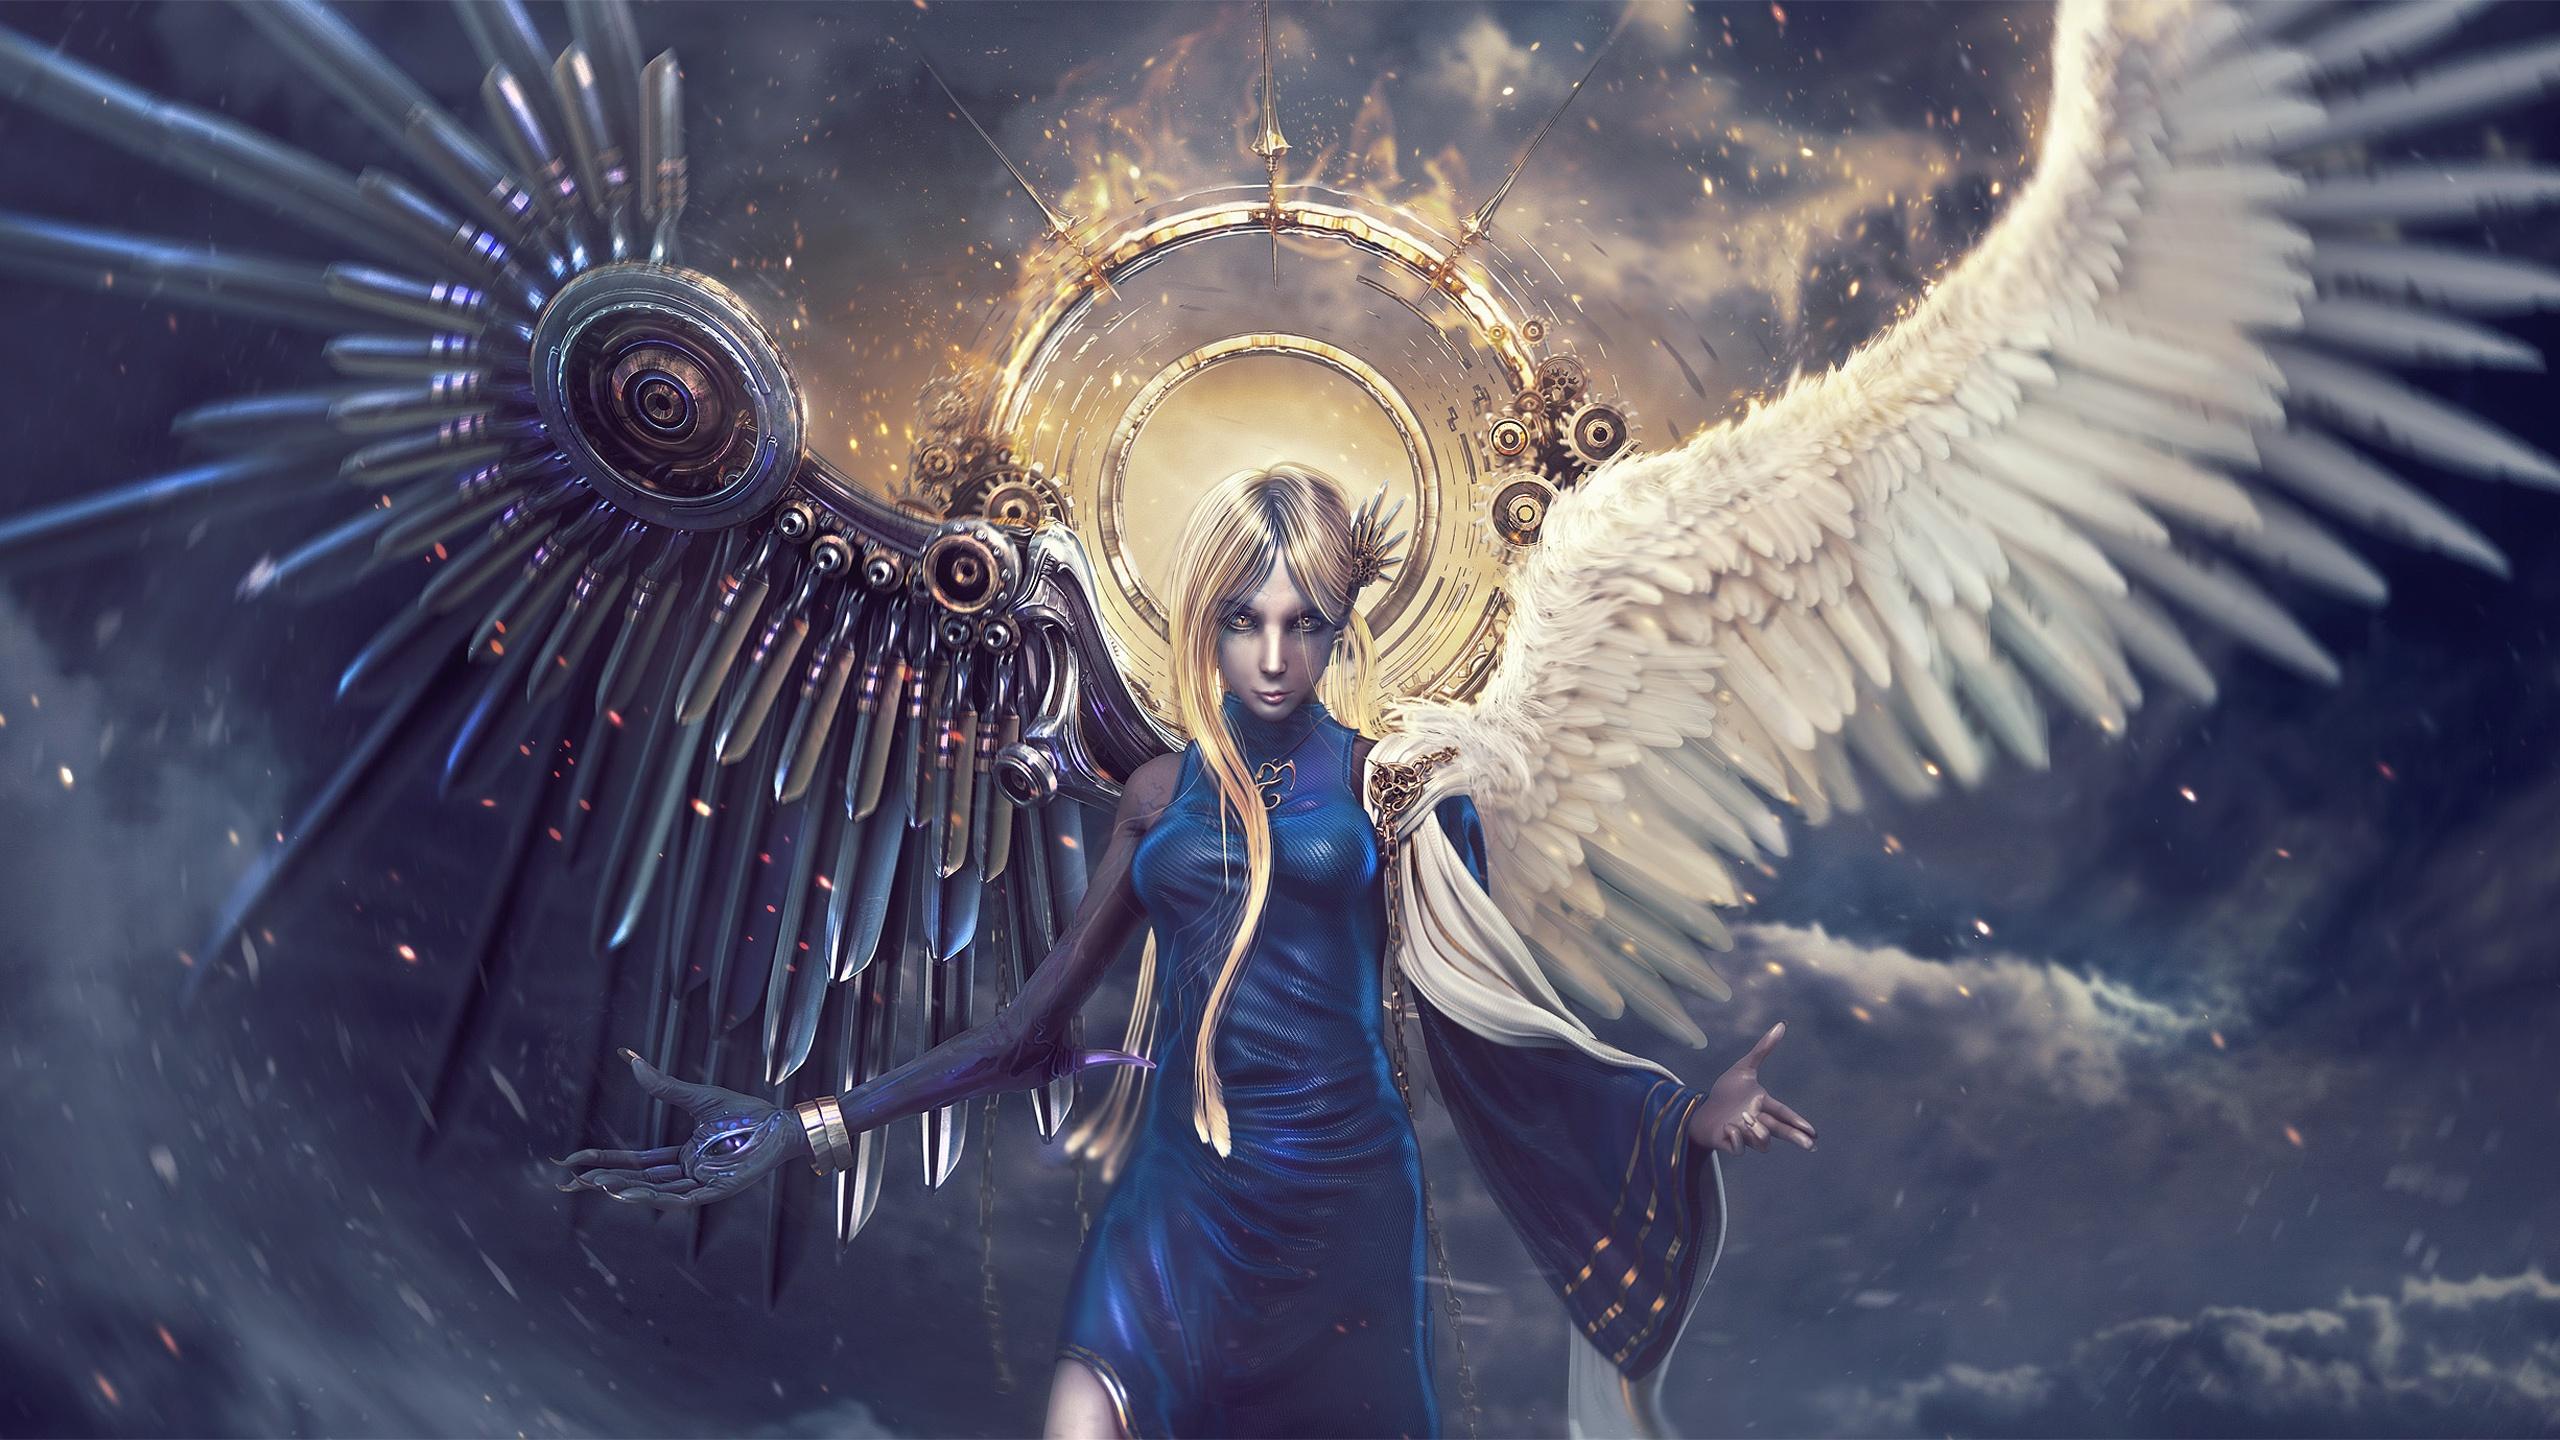 Längste Videos nach Tag: evil angel